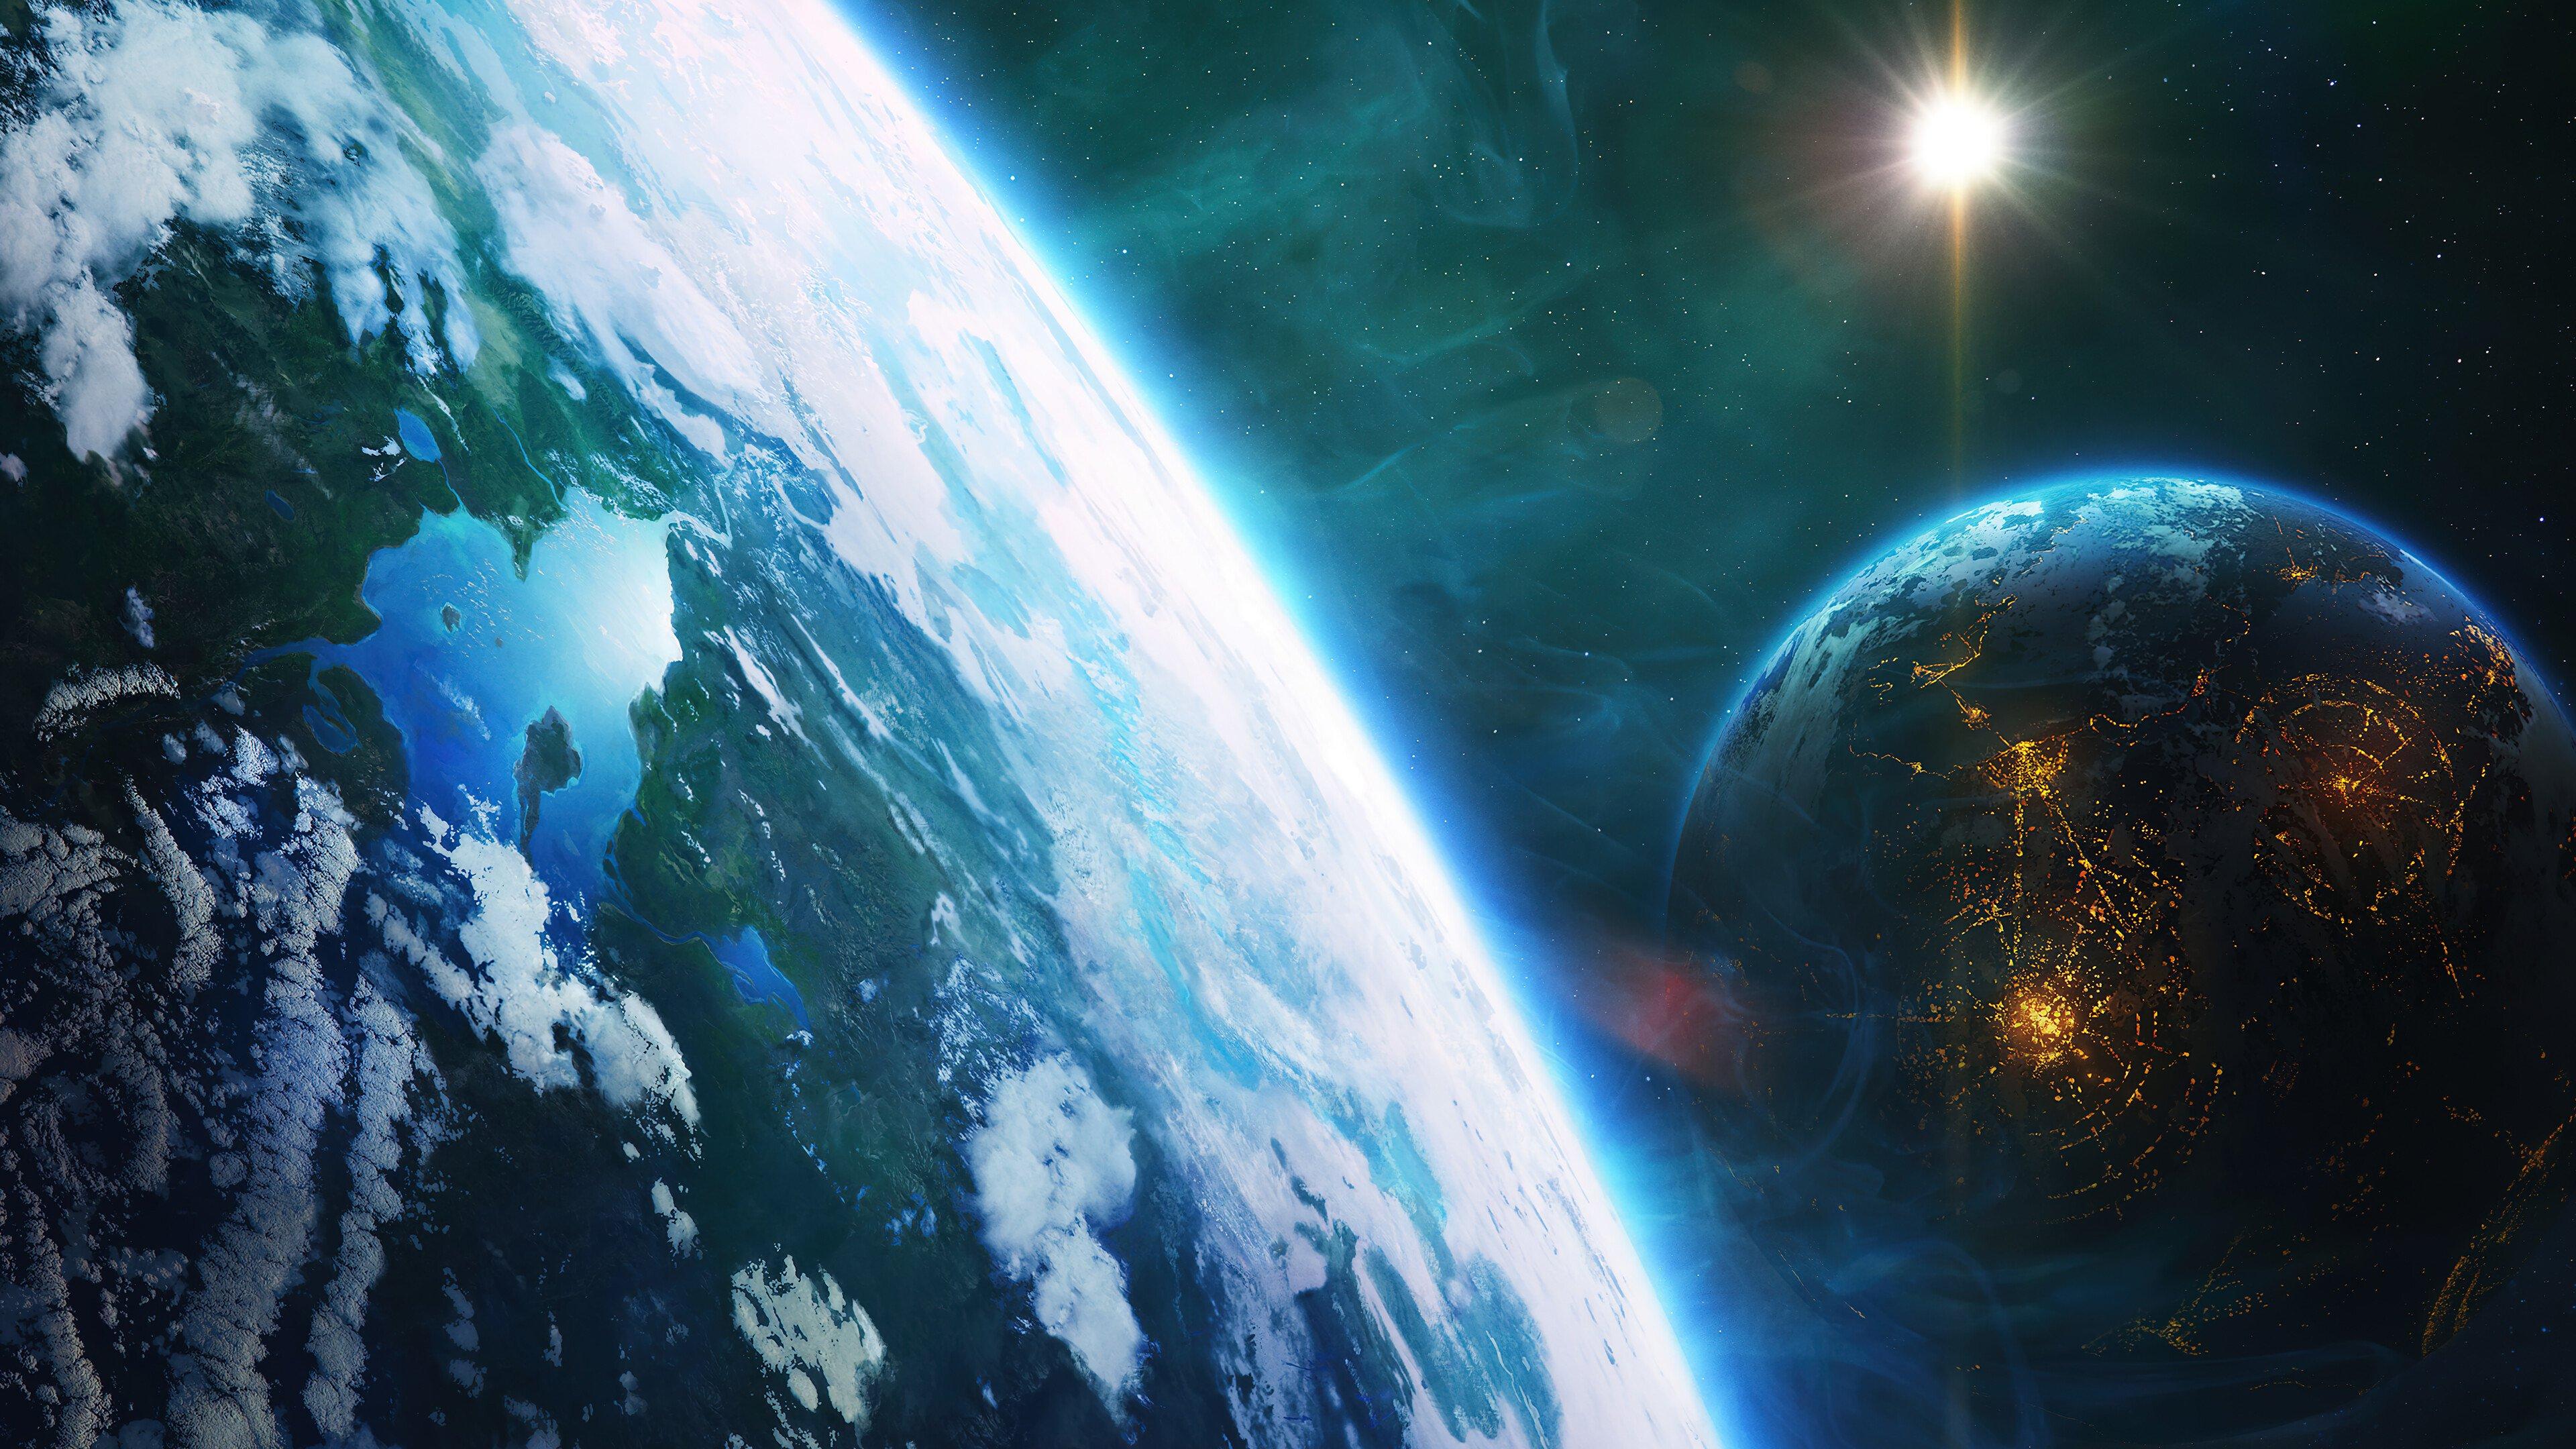 Fondos de pantalla La tierra en el espacio